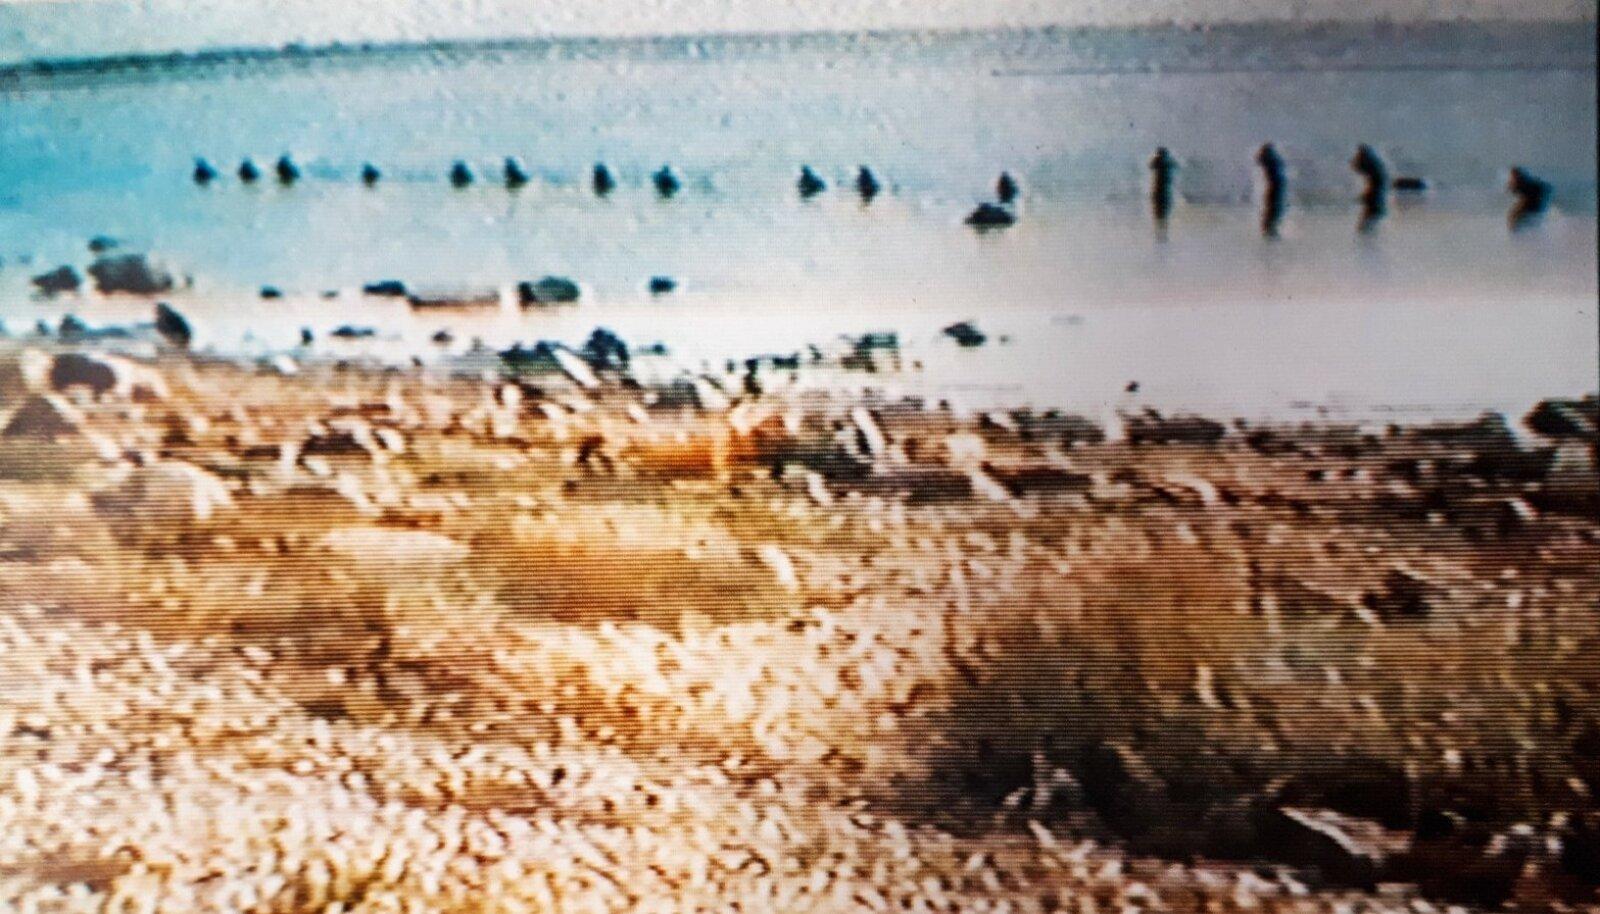 VIIMASED KAADRID: Septembri alguses sai luurerühm endale videokaamera. Need pildid on pärit nädalapäevade enne õnnetust tehtud videost.